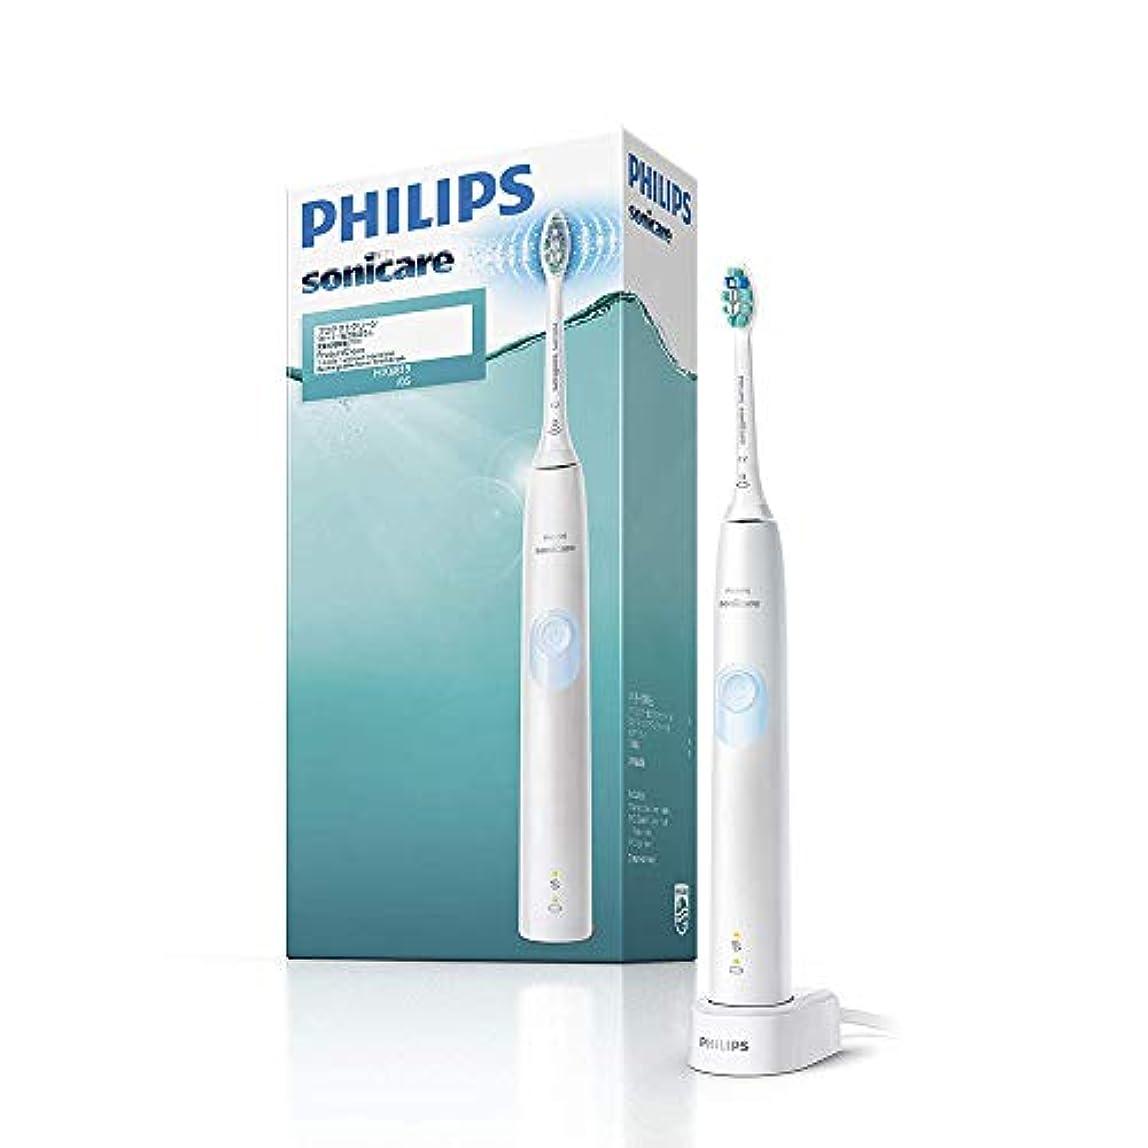 進化重要な役割を果たす、中心的な手段となるドール【Amazon.co.jp限定】フィリップス ソニッケアー プロテクトクリーン ホワイトライトブルー 電動歯ブラシ 強さ設定なし HX6819/05